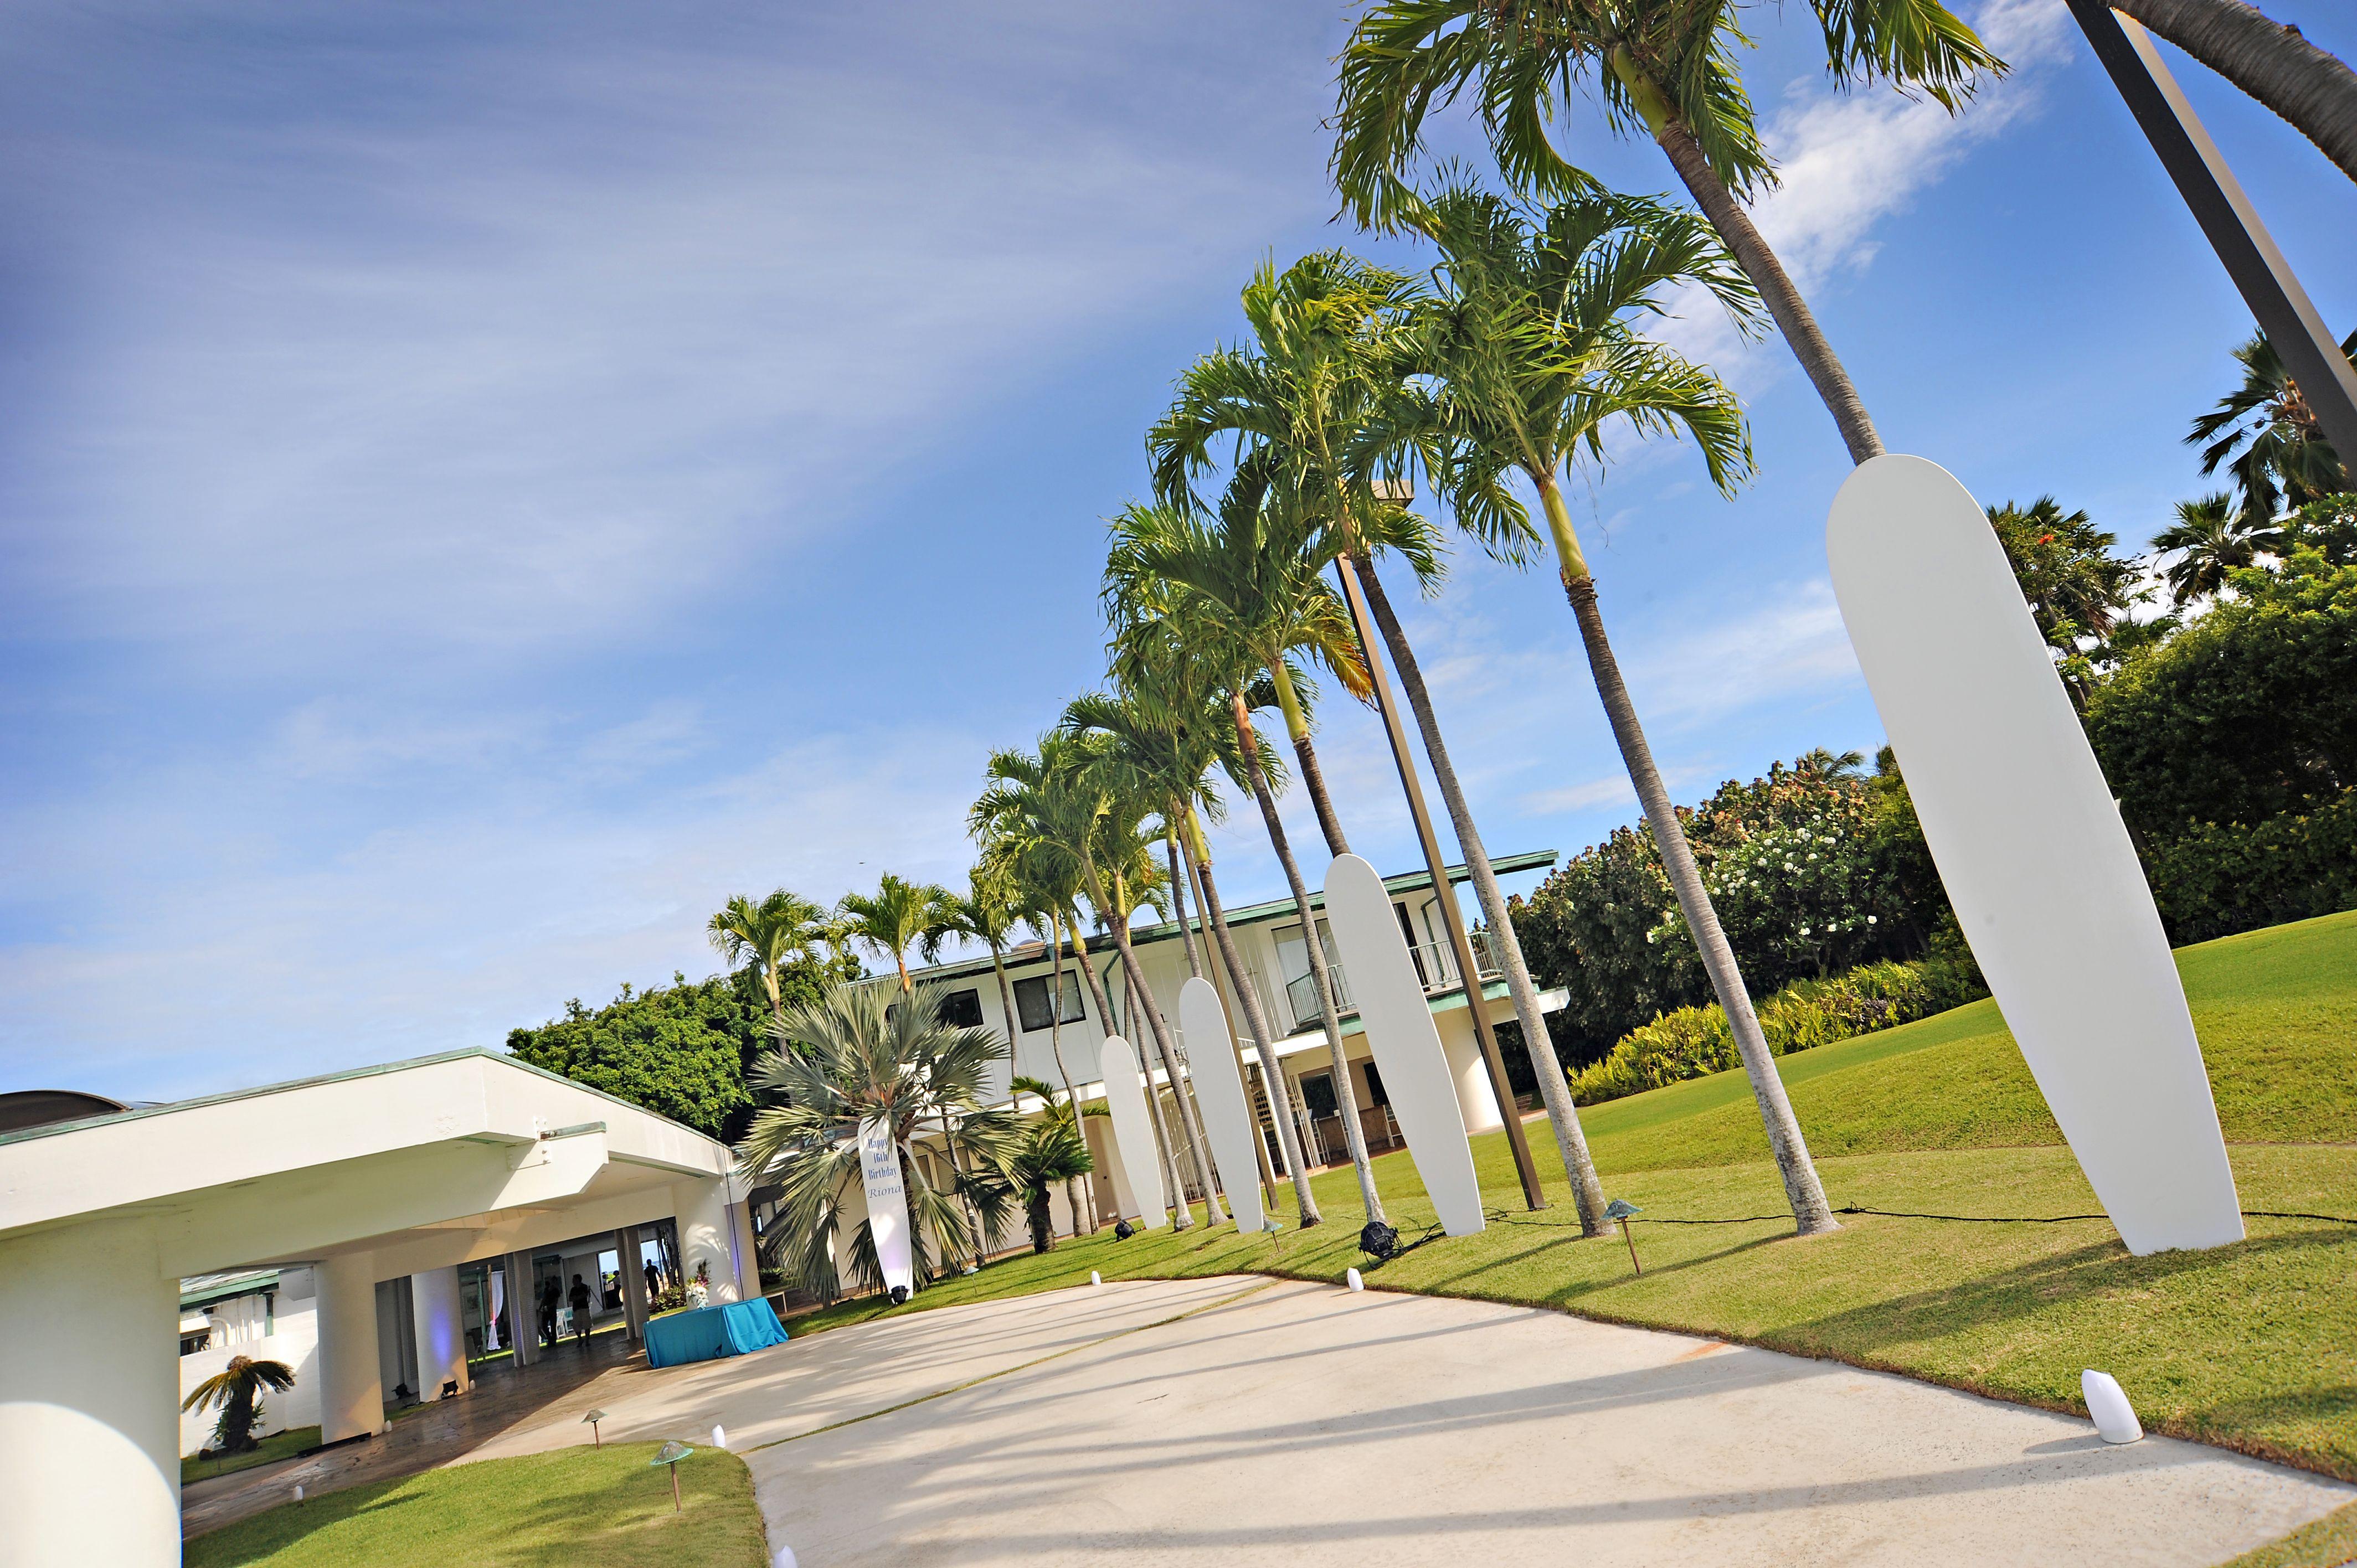 Eventaccents hawaiis top decor and event rentals